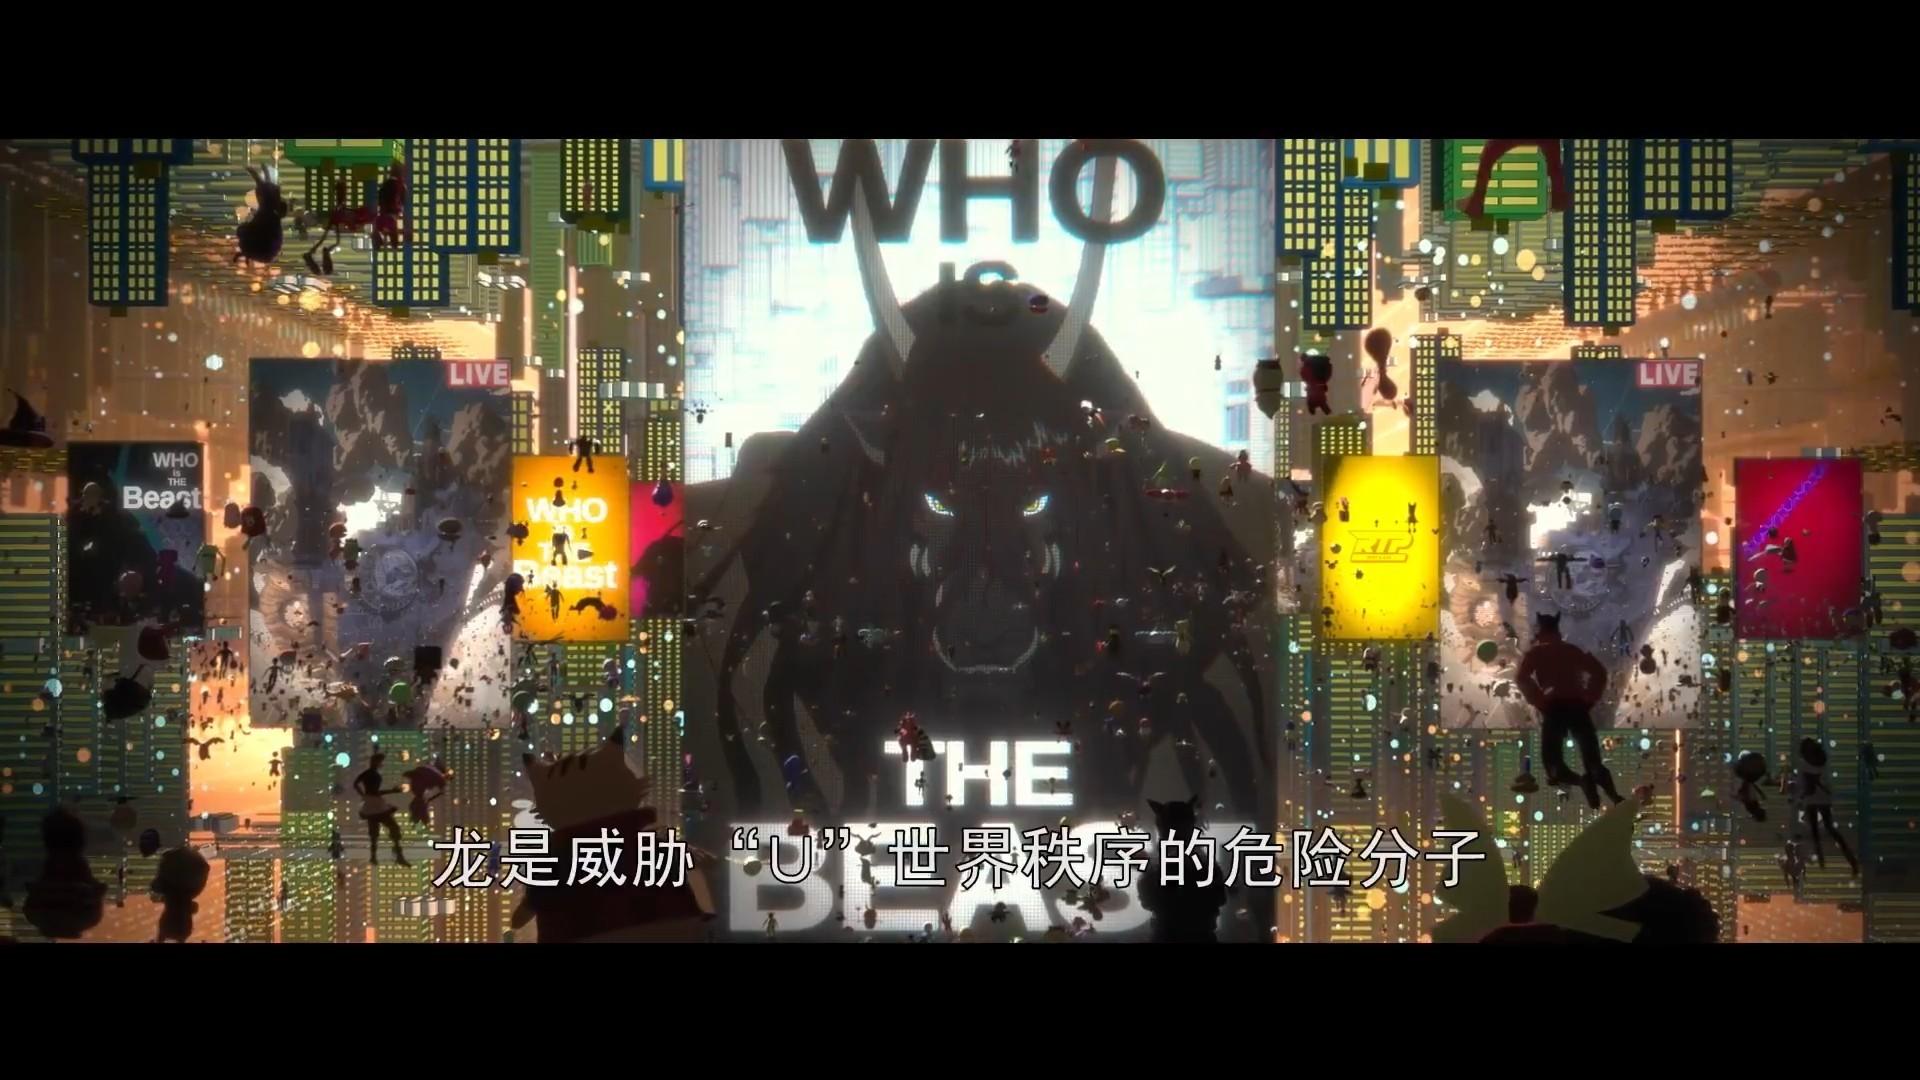 细田守新作动画电影「龙与雀斑公主」第2弹预告公开,7月16日上映